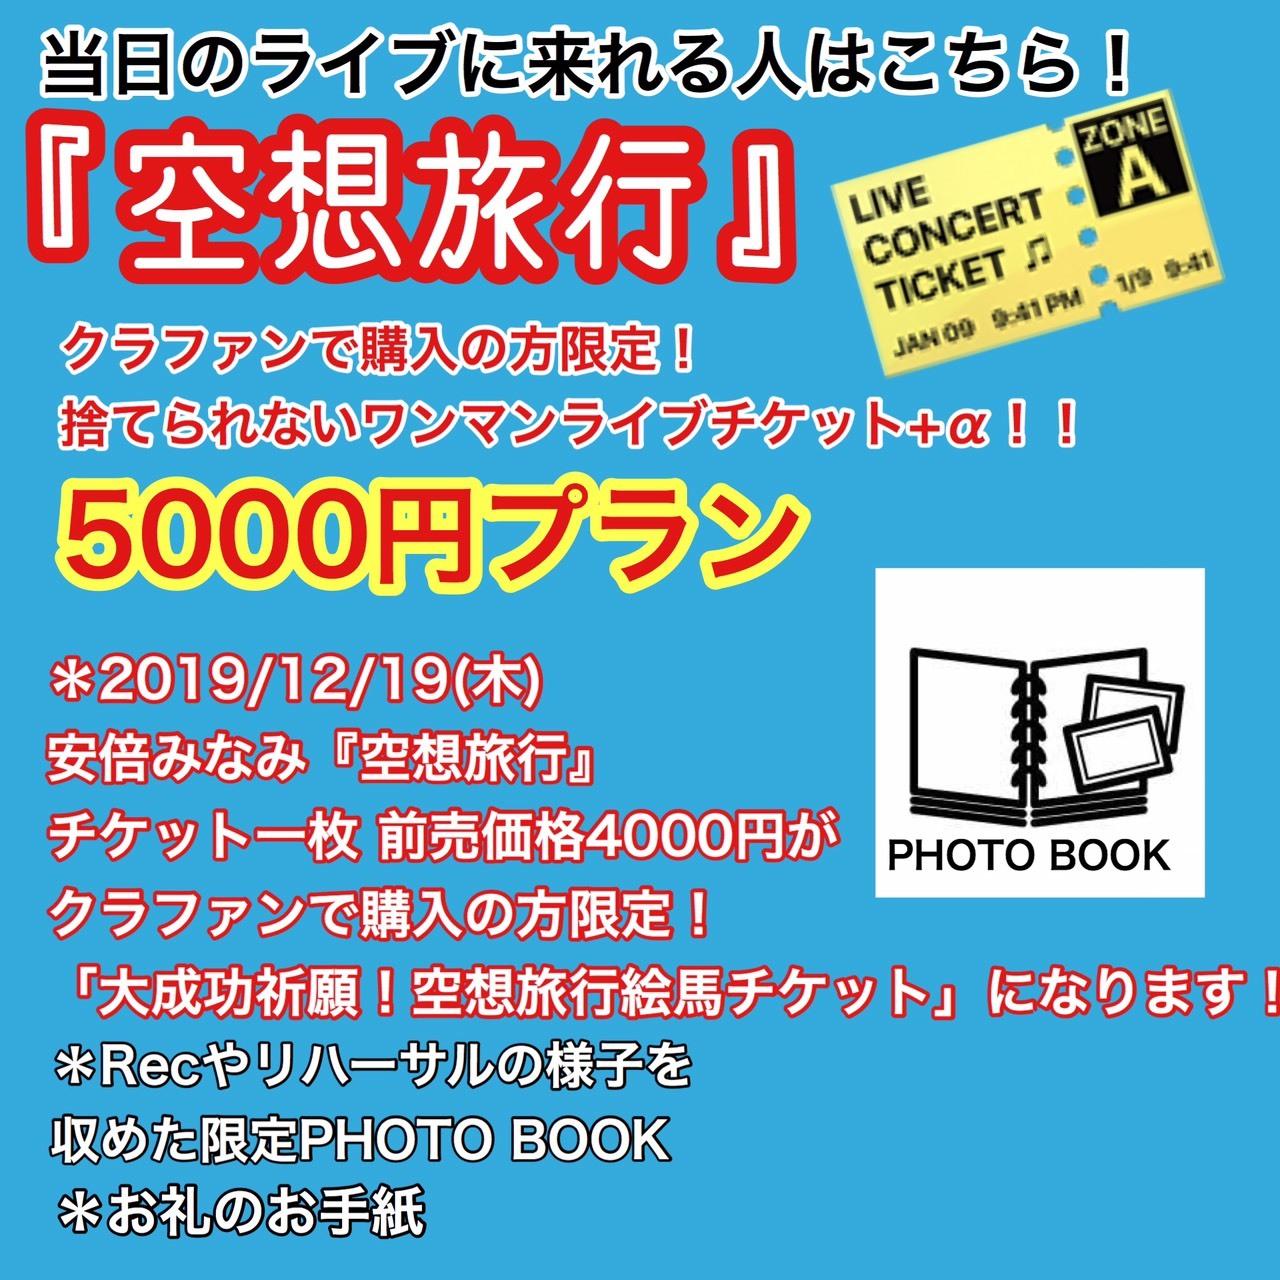 限定チケット+PHOTO BOOKプラン